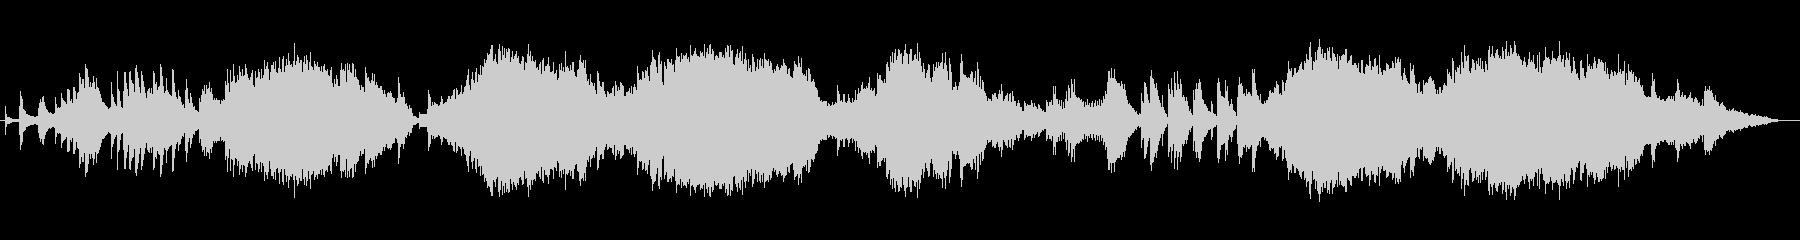 オルゴールの音色が不思議でかわいい楽曲の未再生の波形